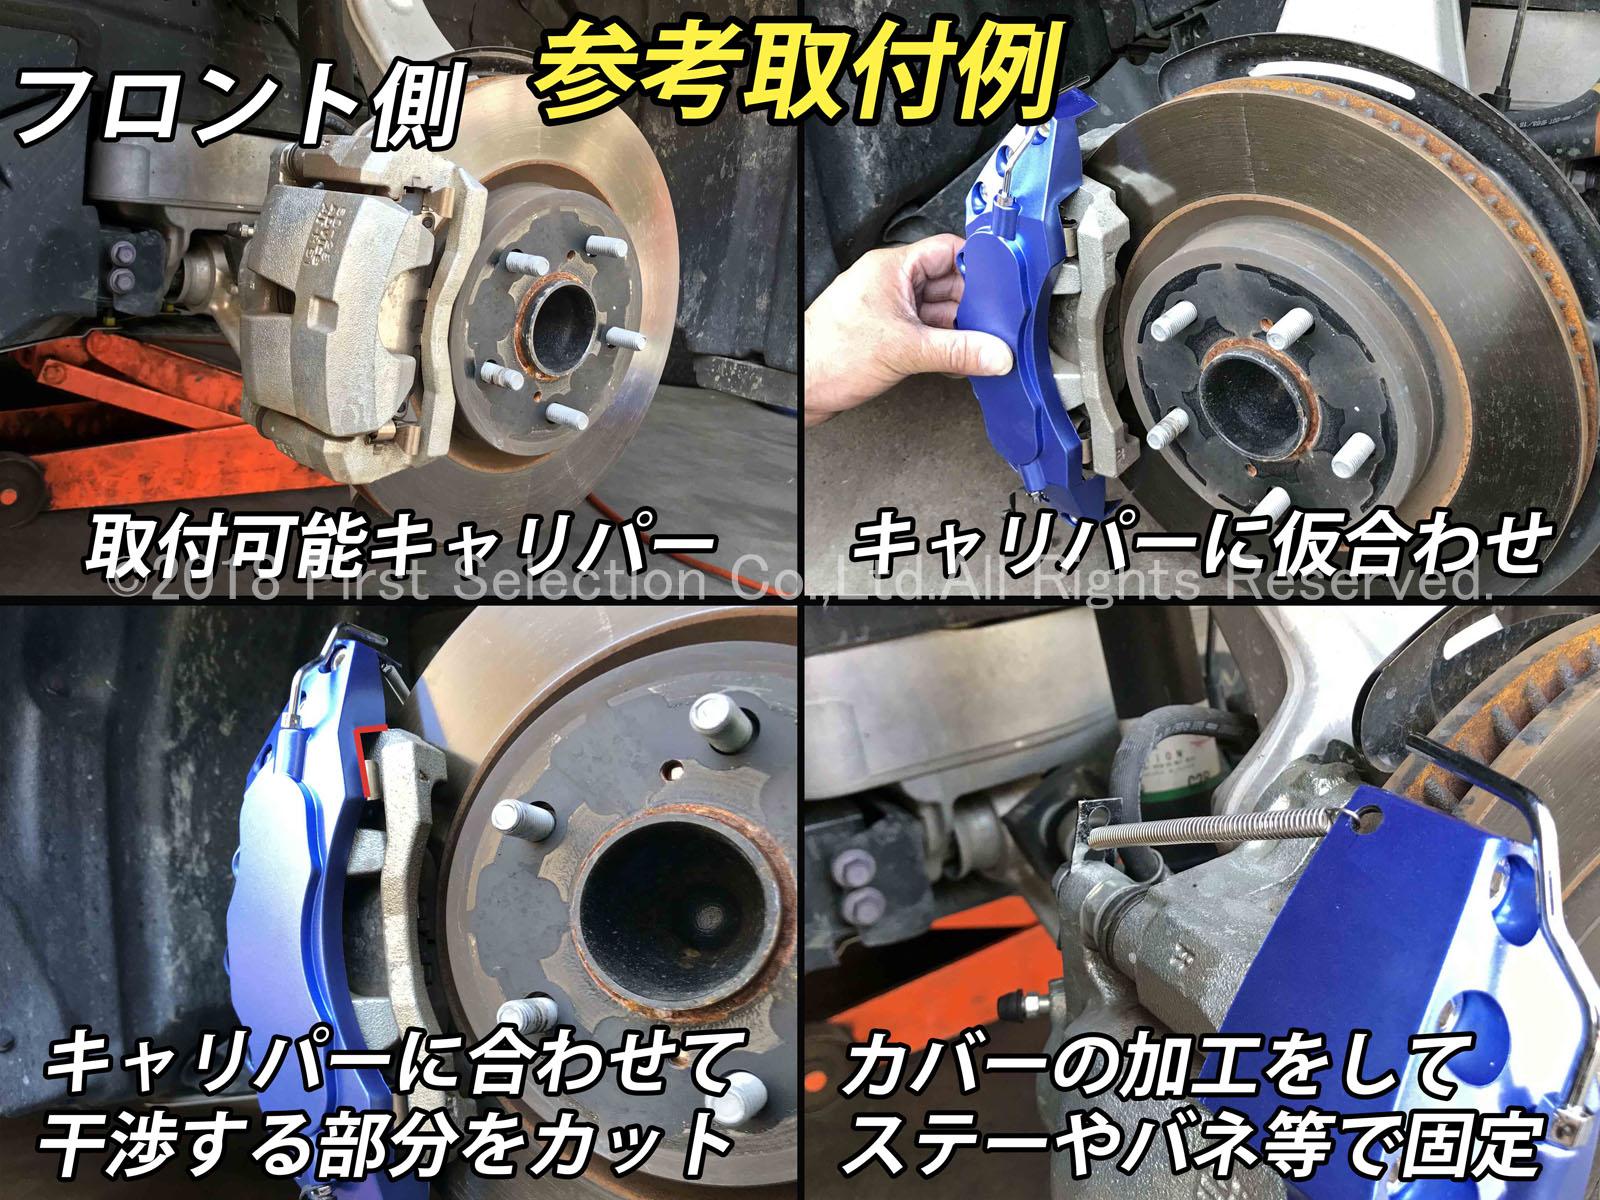 トヨタ車ハリアー HARRIERロゴ銀文字 汎用高品質キャリパーカバーM青 L/Mサイズセット